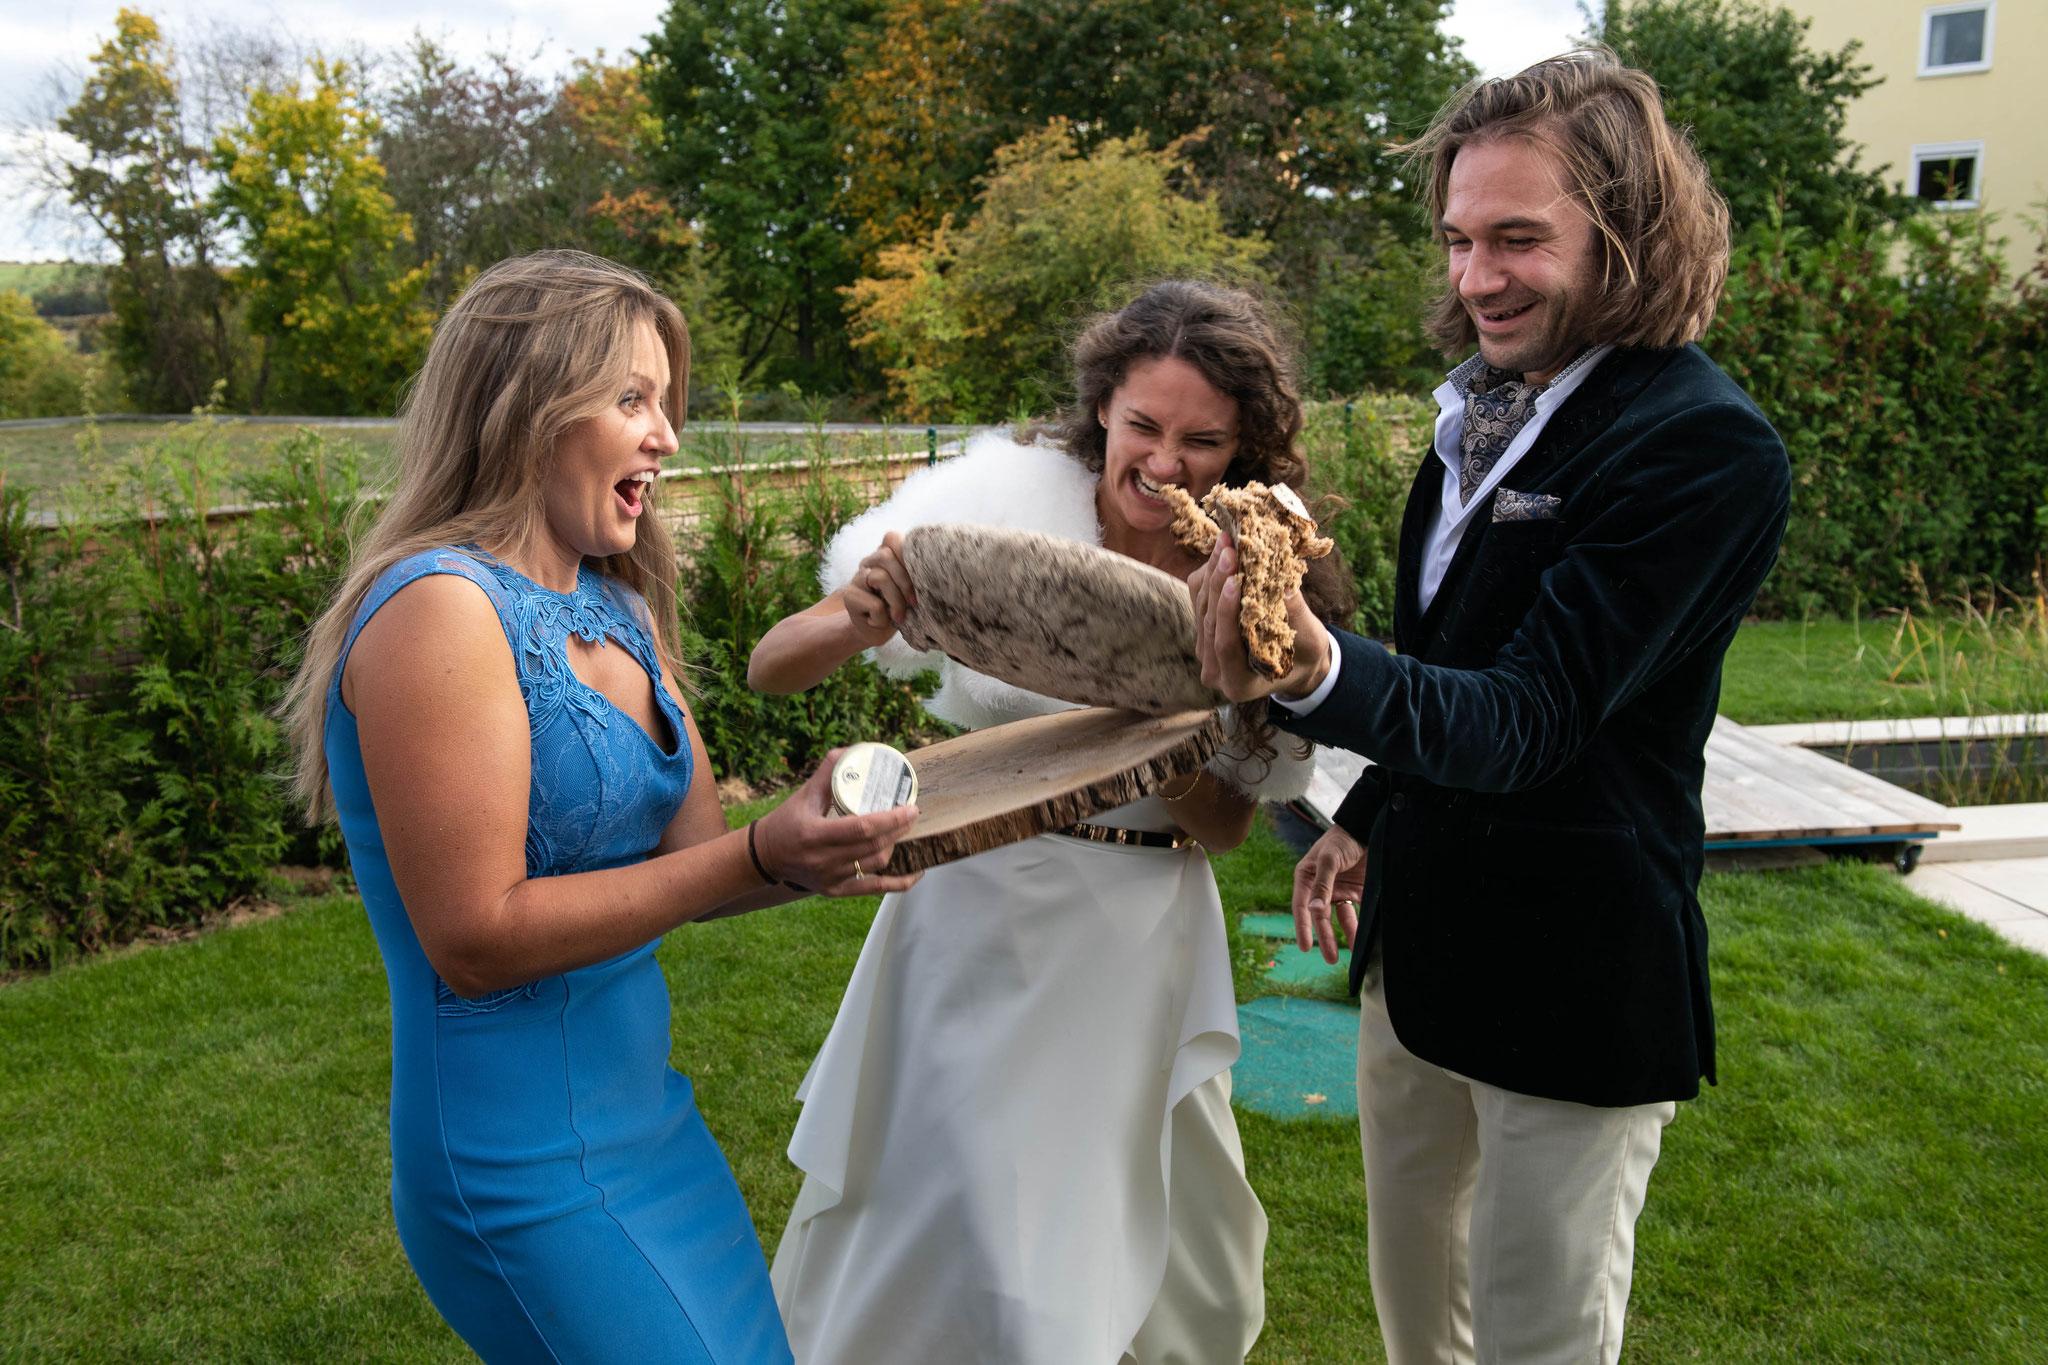 Professionelle Aufnahmen für Ihre Hochzeitsfeier in Würzburg und Deutschlandweit